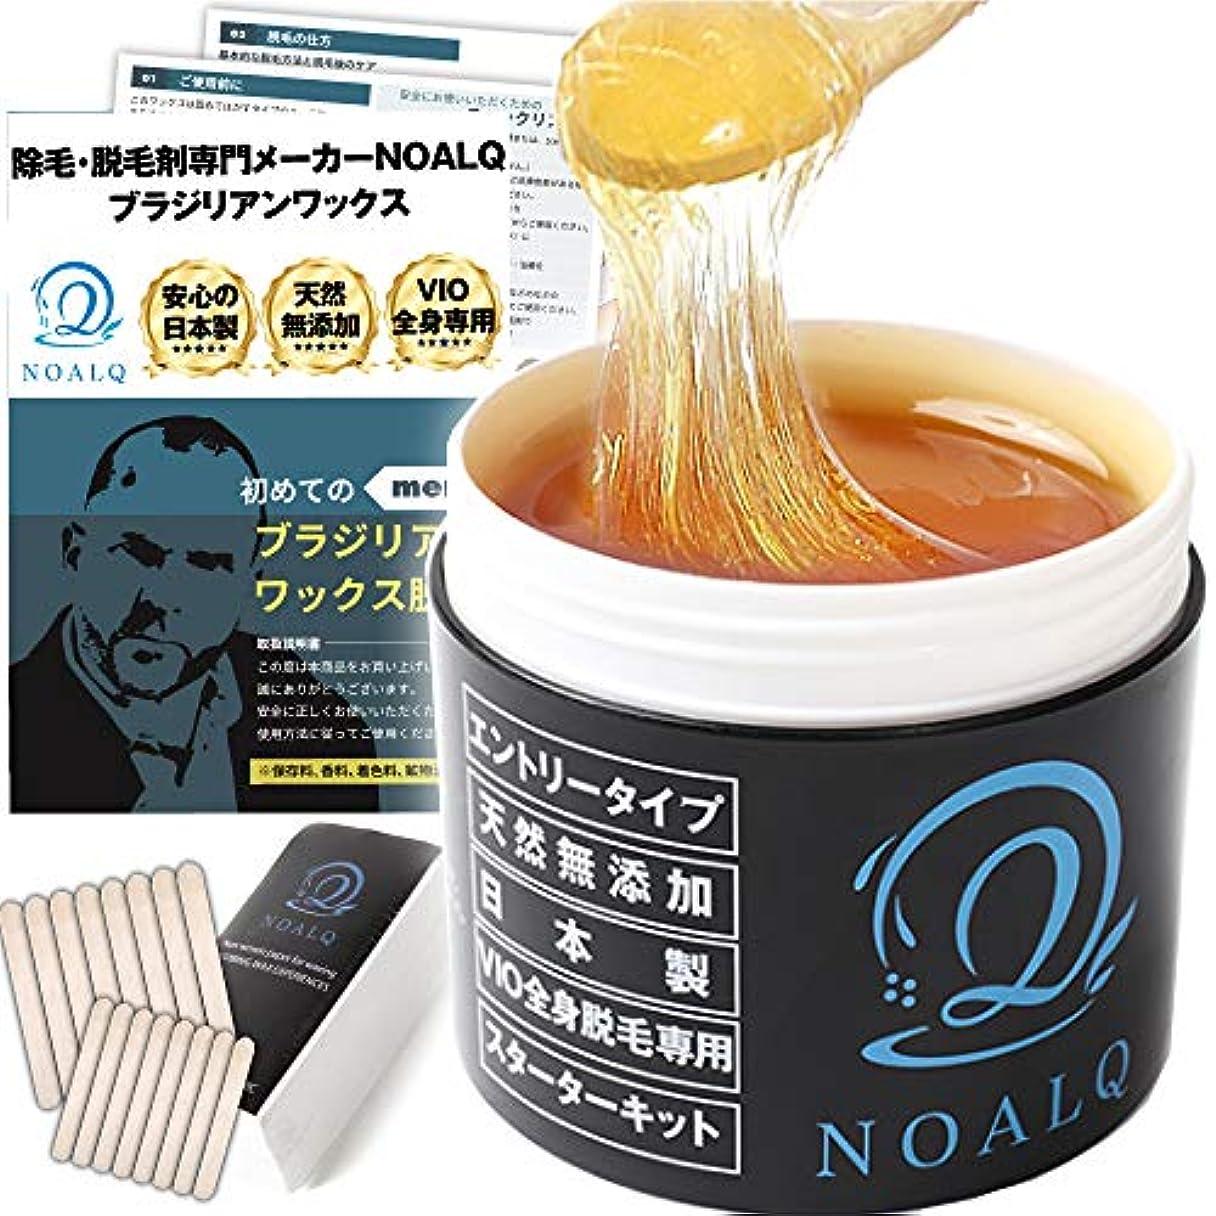 フレームワーク不屈の頭の上NOALQ(ノアルク) ブラジリアンワックス エントリータイプ 天然無添加素材 純国産100% VIO 全身脱毛専用 スターターキット